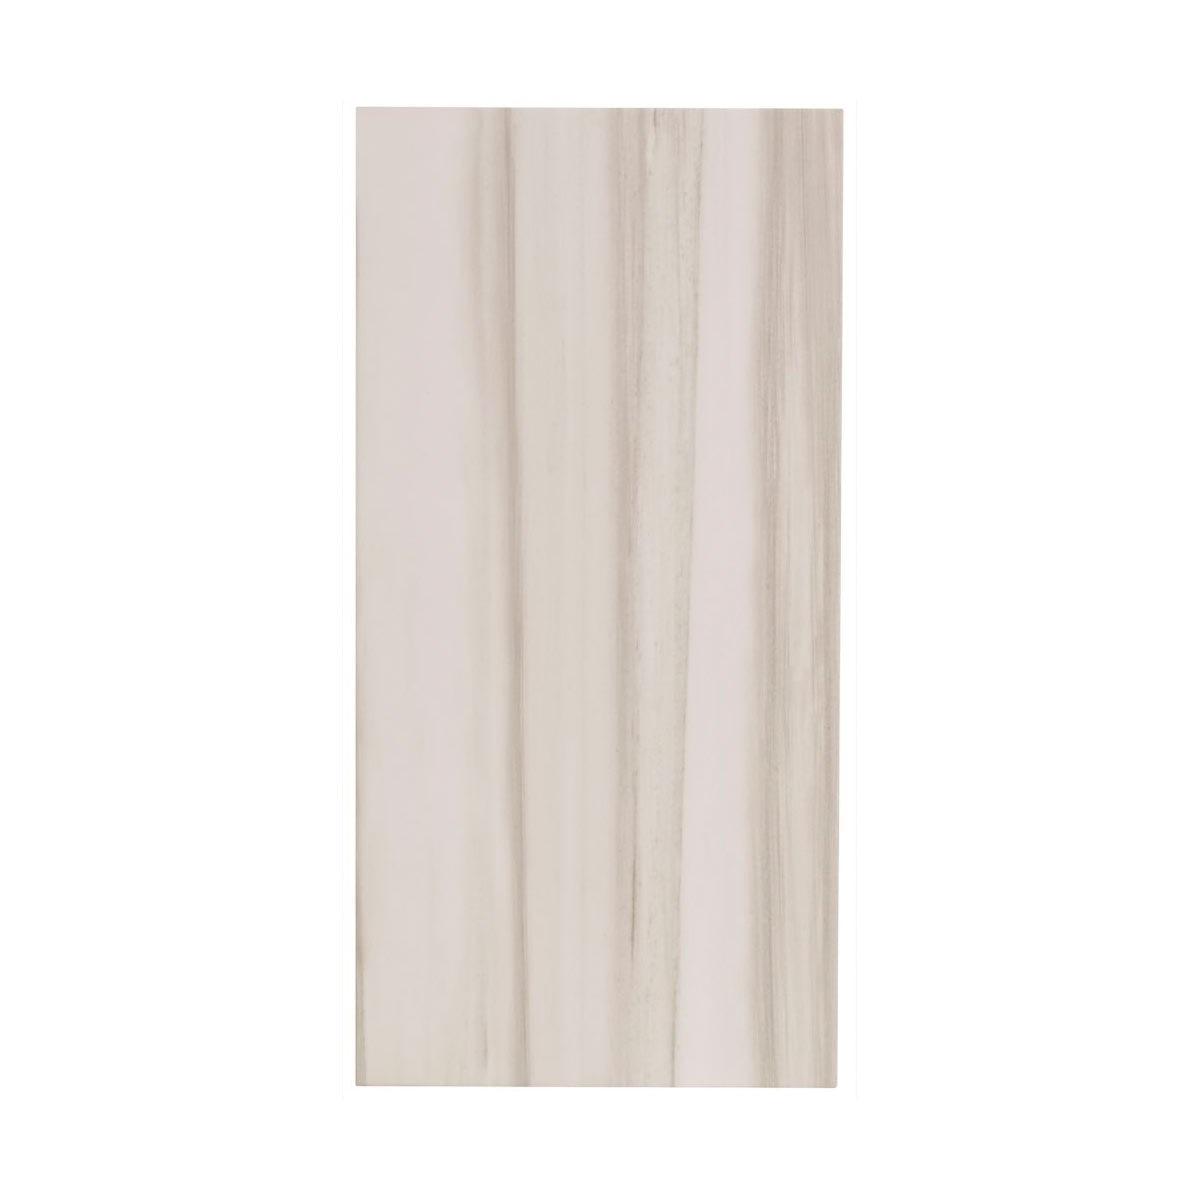 British Ceramic Tile Moon white matt tile 298mm x 598mm